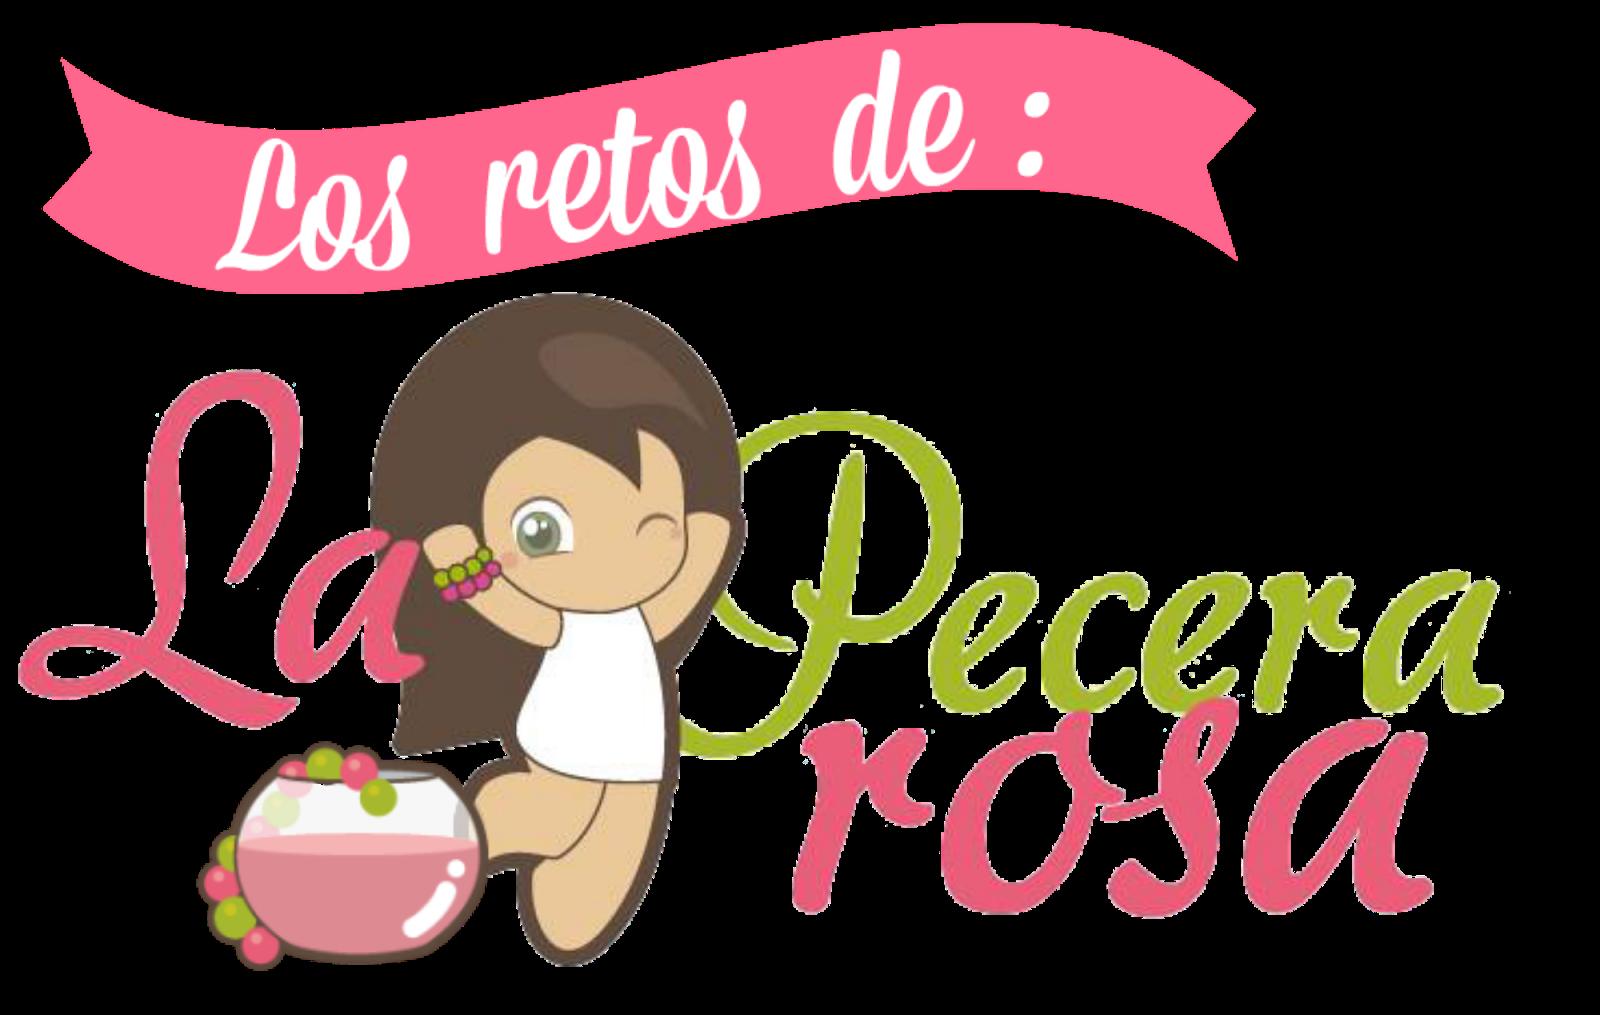 La Pecera Rosa